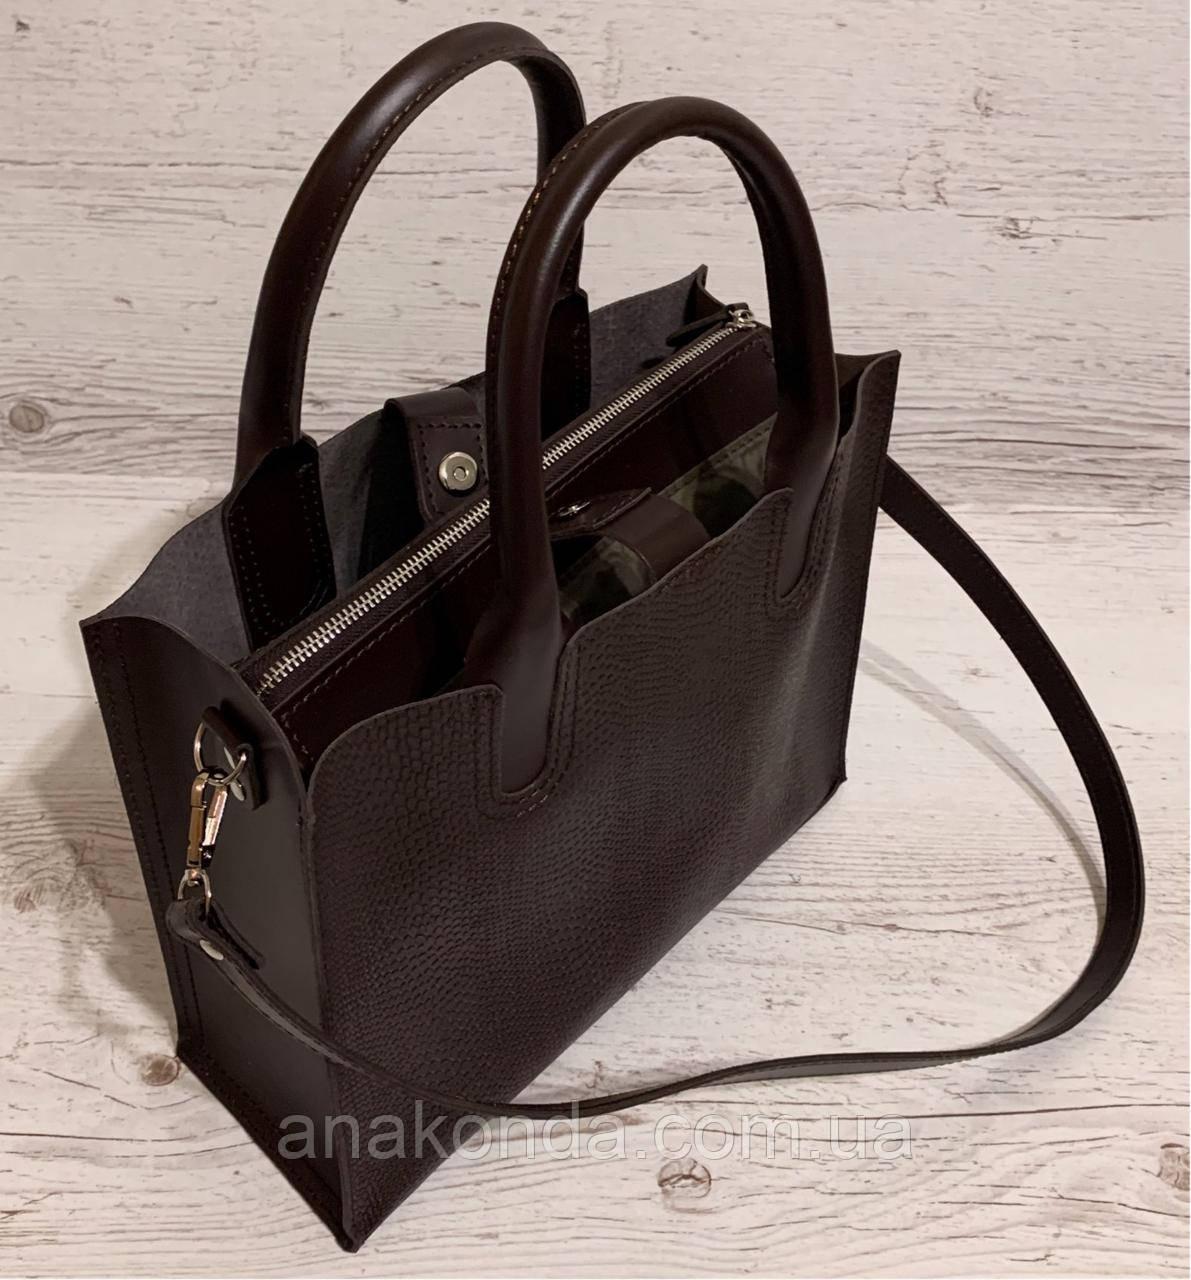 75-2 Натуральная кожа Сумка женская шоколад темная коричневая кожаная сумка А4 женская коричневая офисная